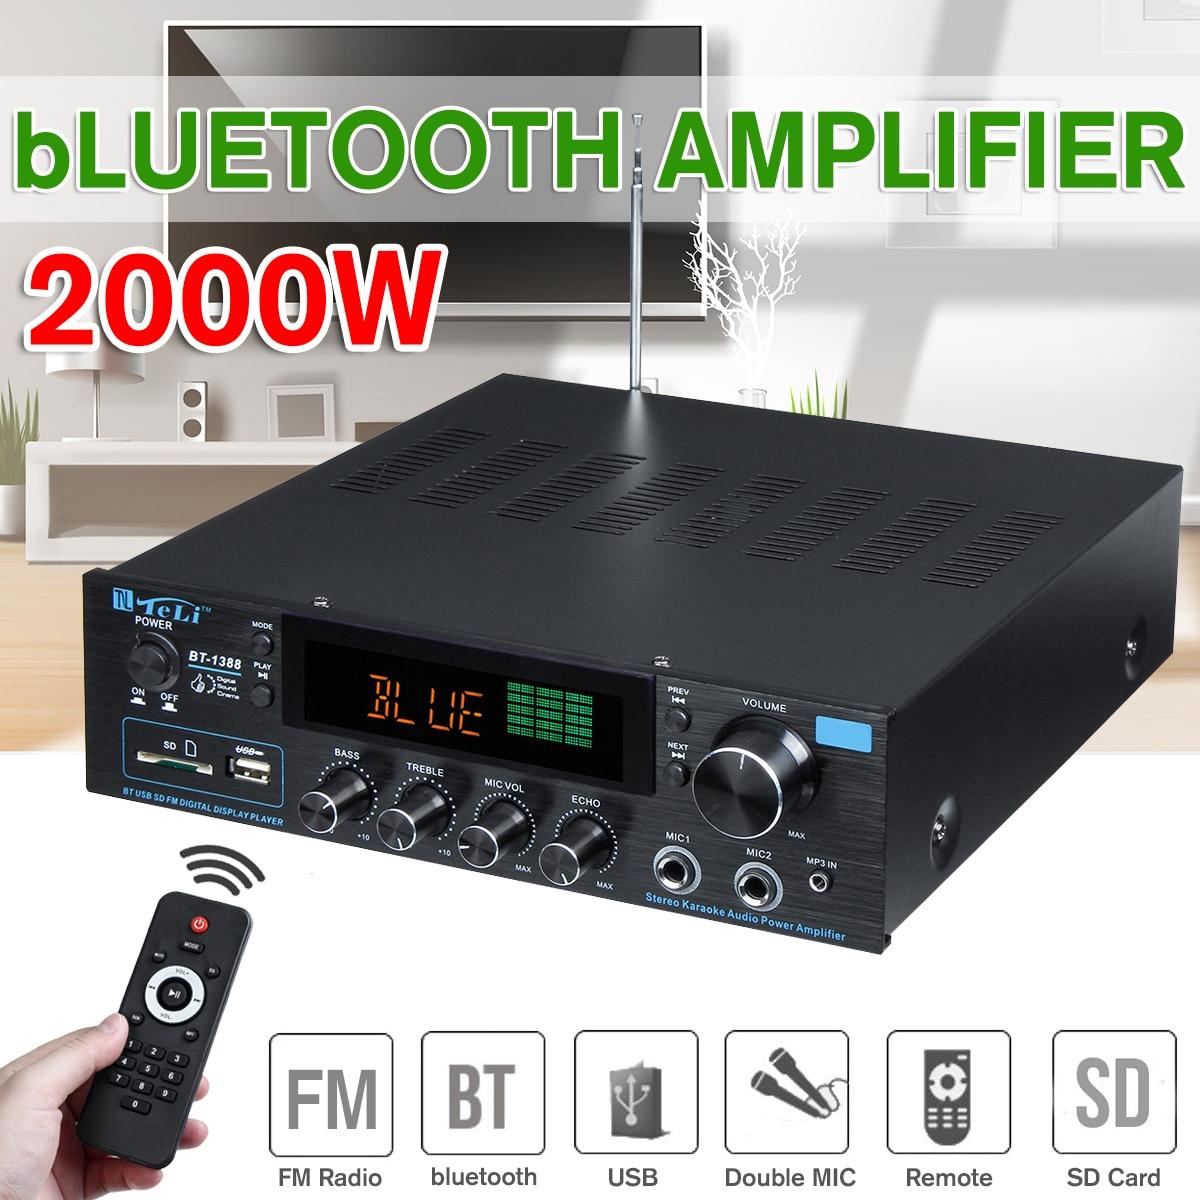 110-240V 2000W Wireless Digital Audio Amplifier 16ohm Bluetooth Stereo Karaoke Amplifier 2MIC Input FM RC Home Theater Amplifier